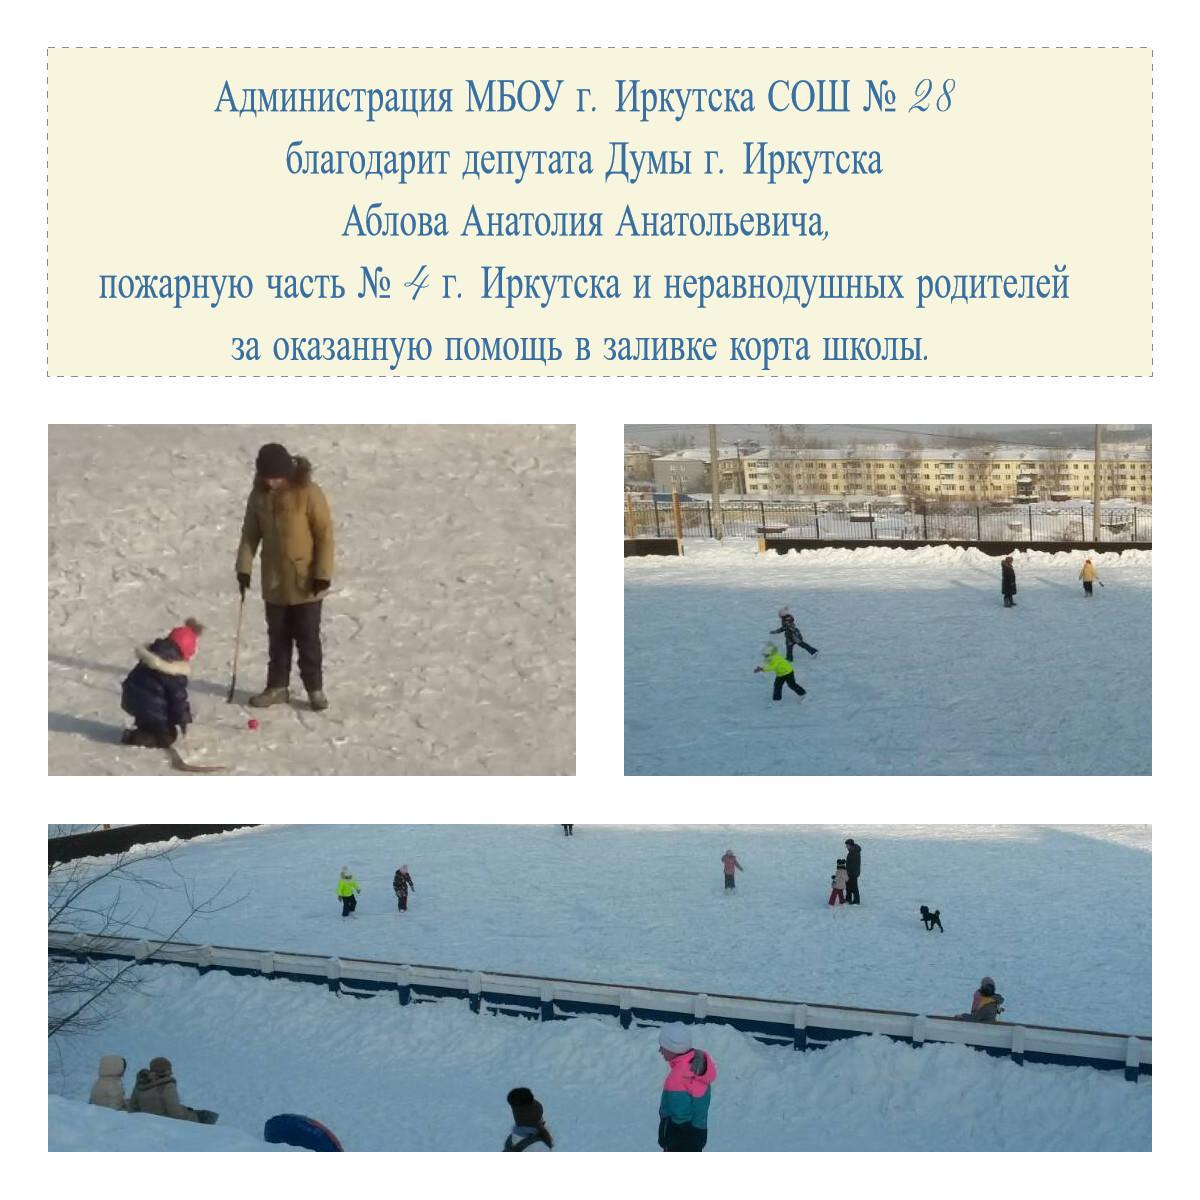 Корт школы 28 Иркутск